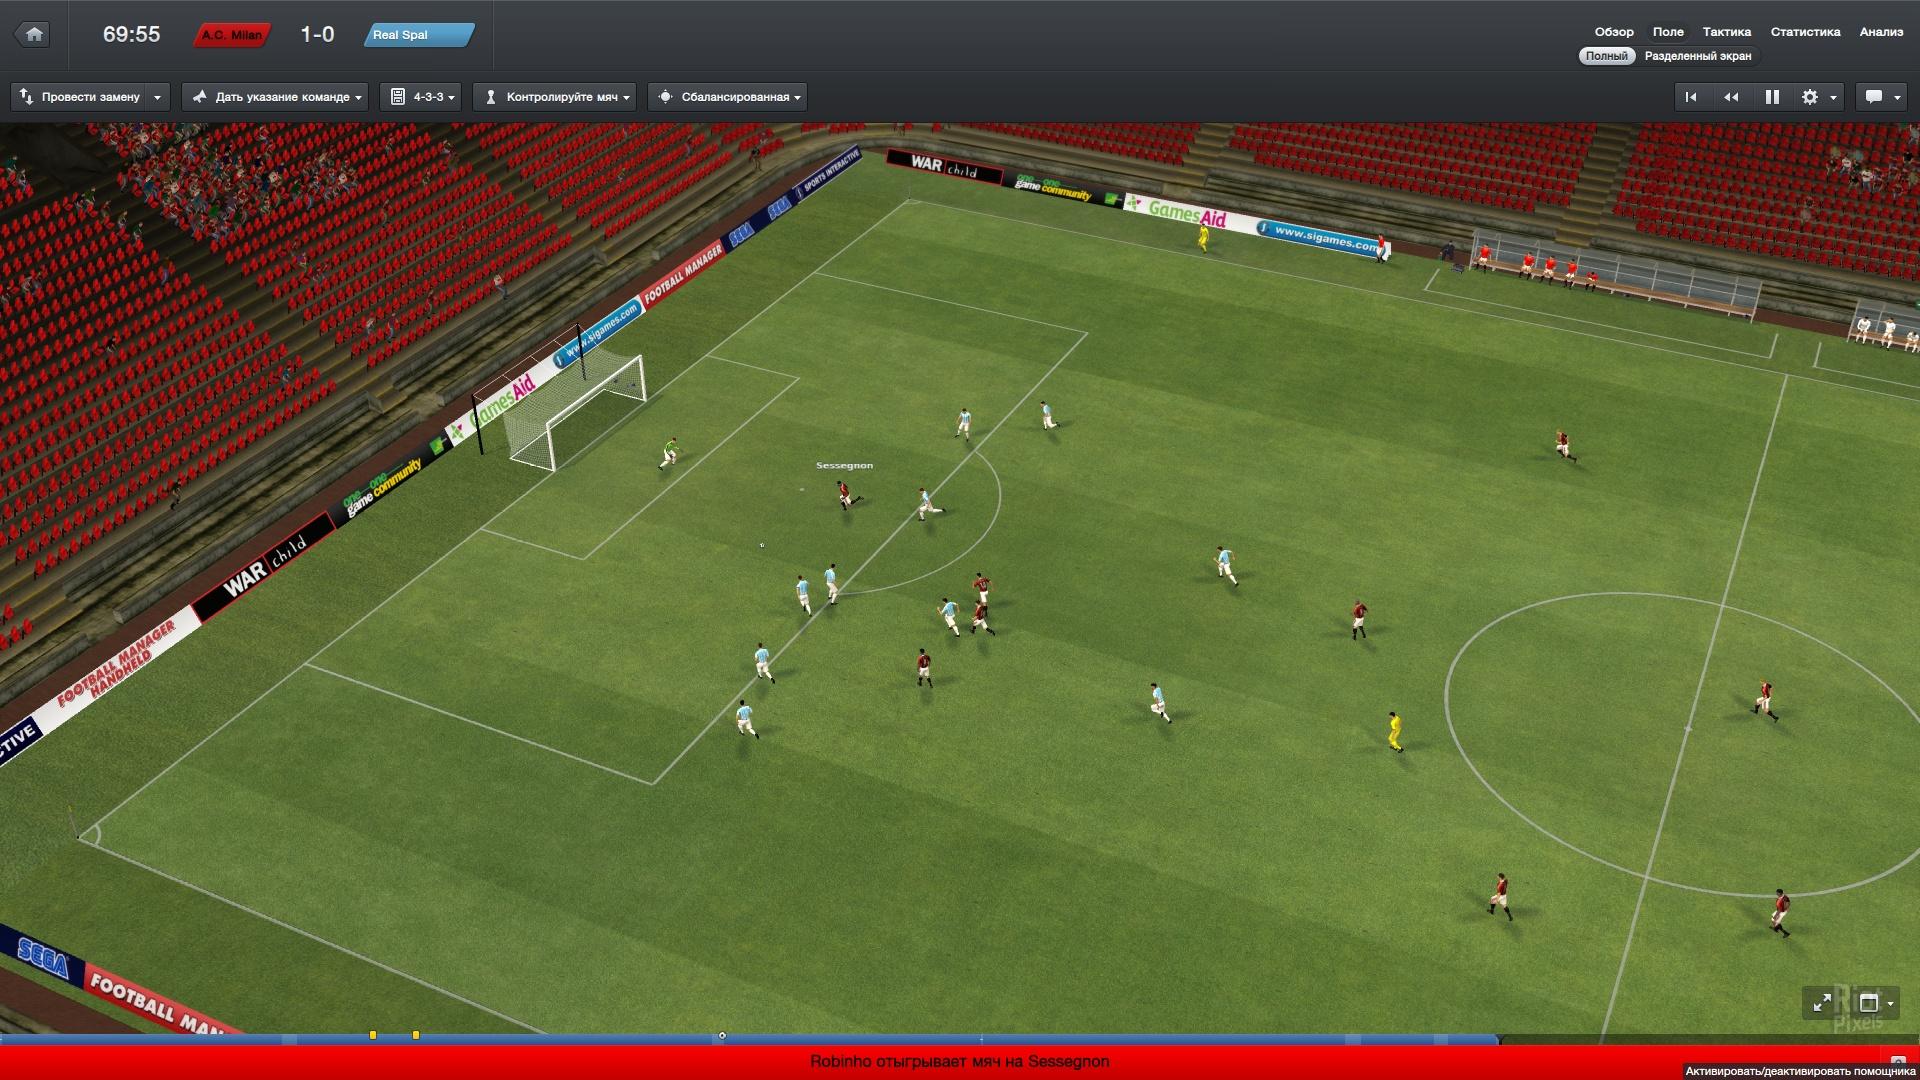 screenshot.football-manager-2013.1920x10